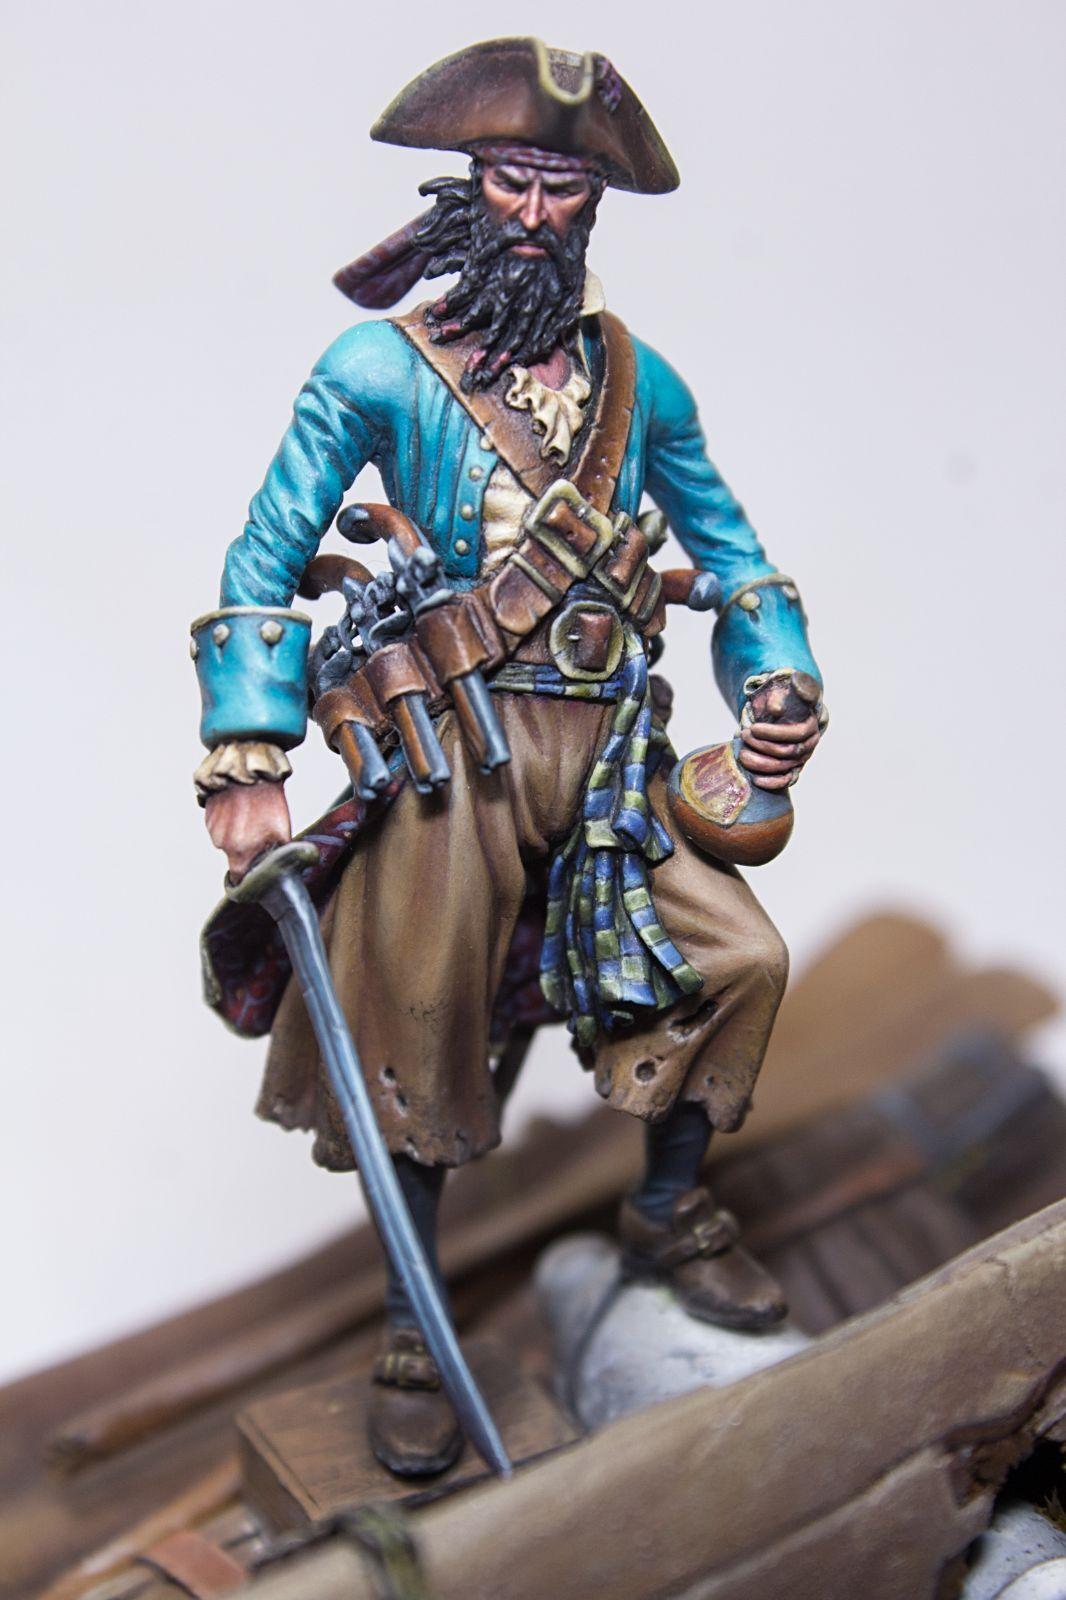 Pintado En Miniatura Pirata Negrobeard Andrea RPG, Fantasía. histórico Pro Pintado